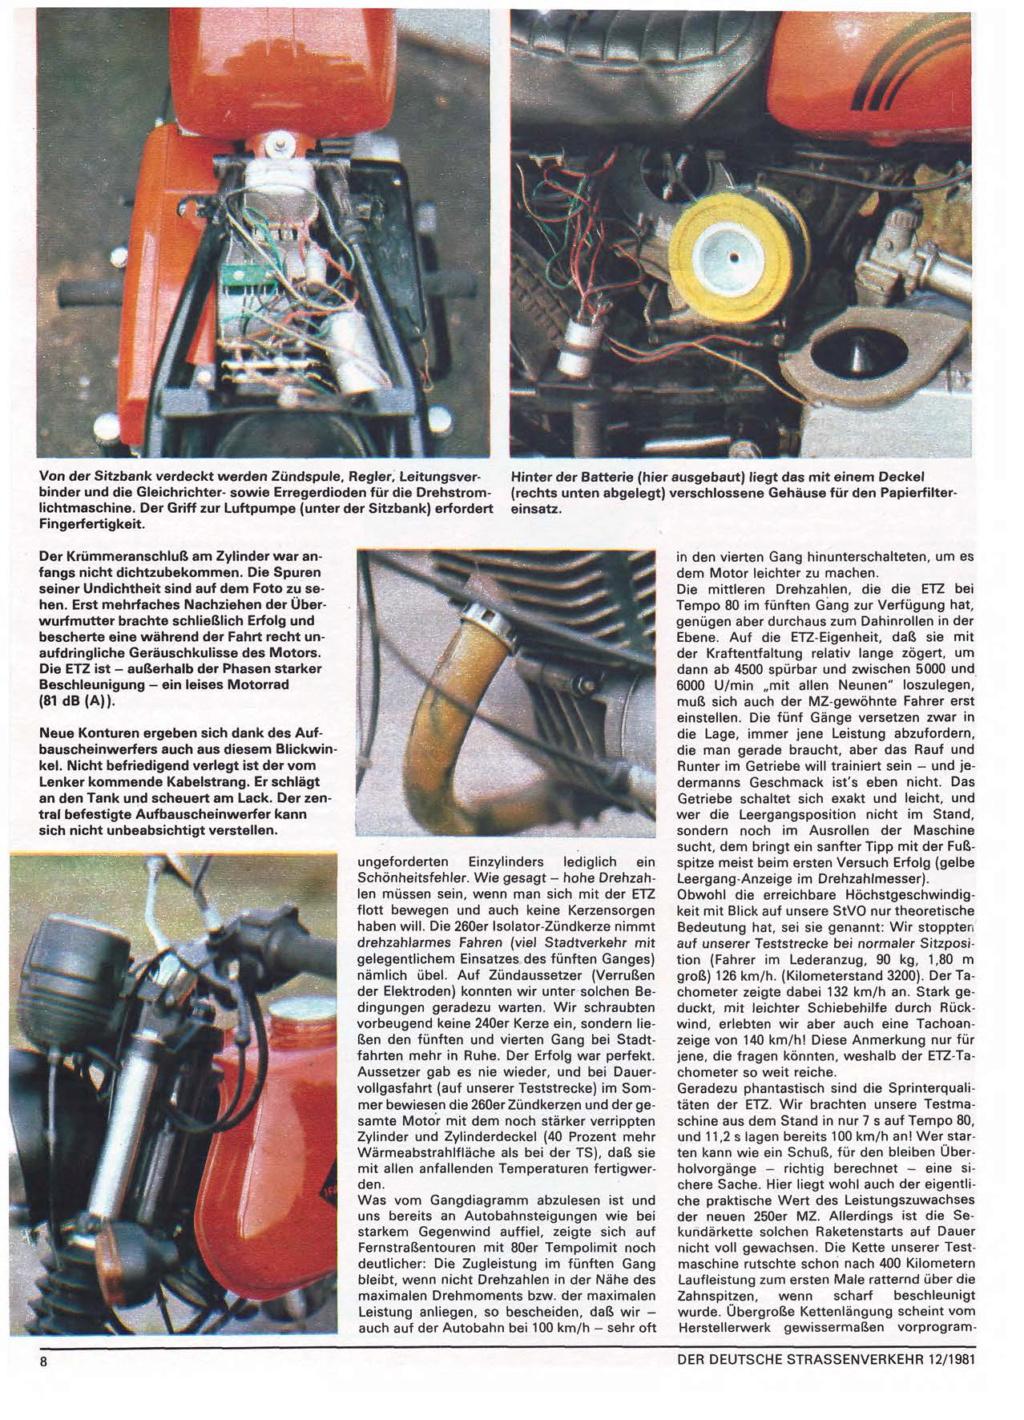 Test ETZ 250 Der deutsche Strassenverkehr, n° 12/1981) Der-de19